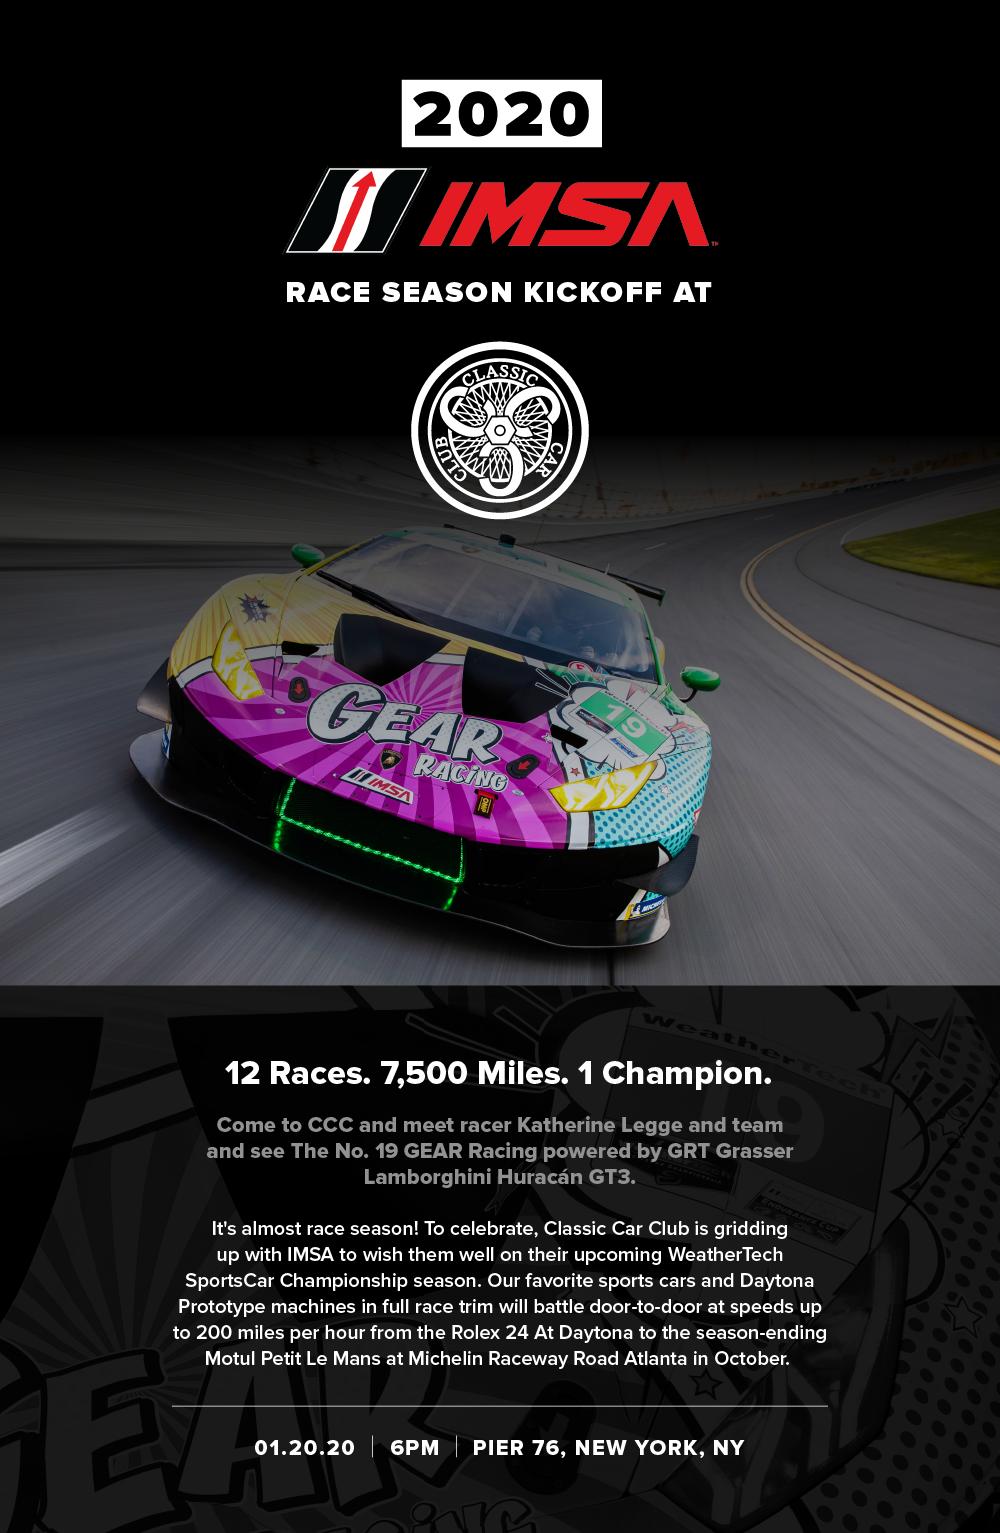 IMSA Race Season Kickoff